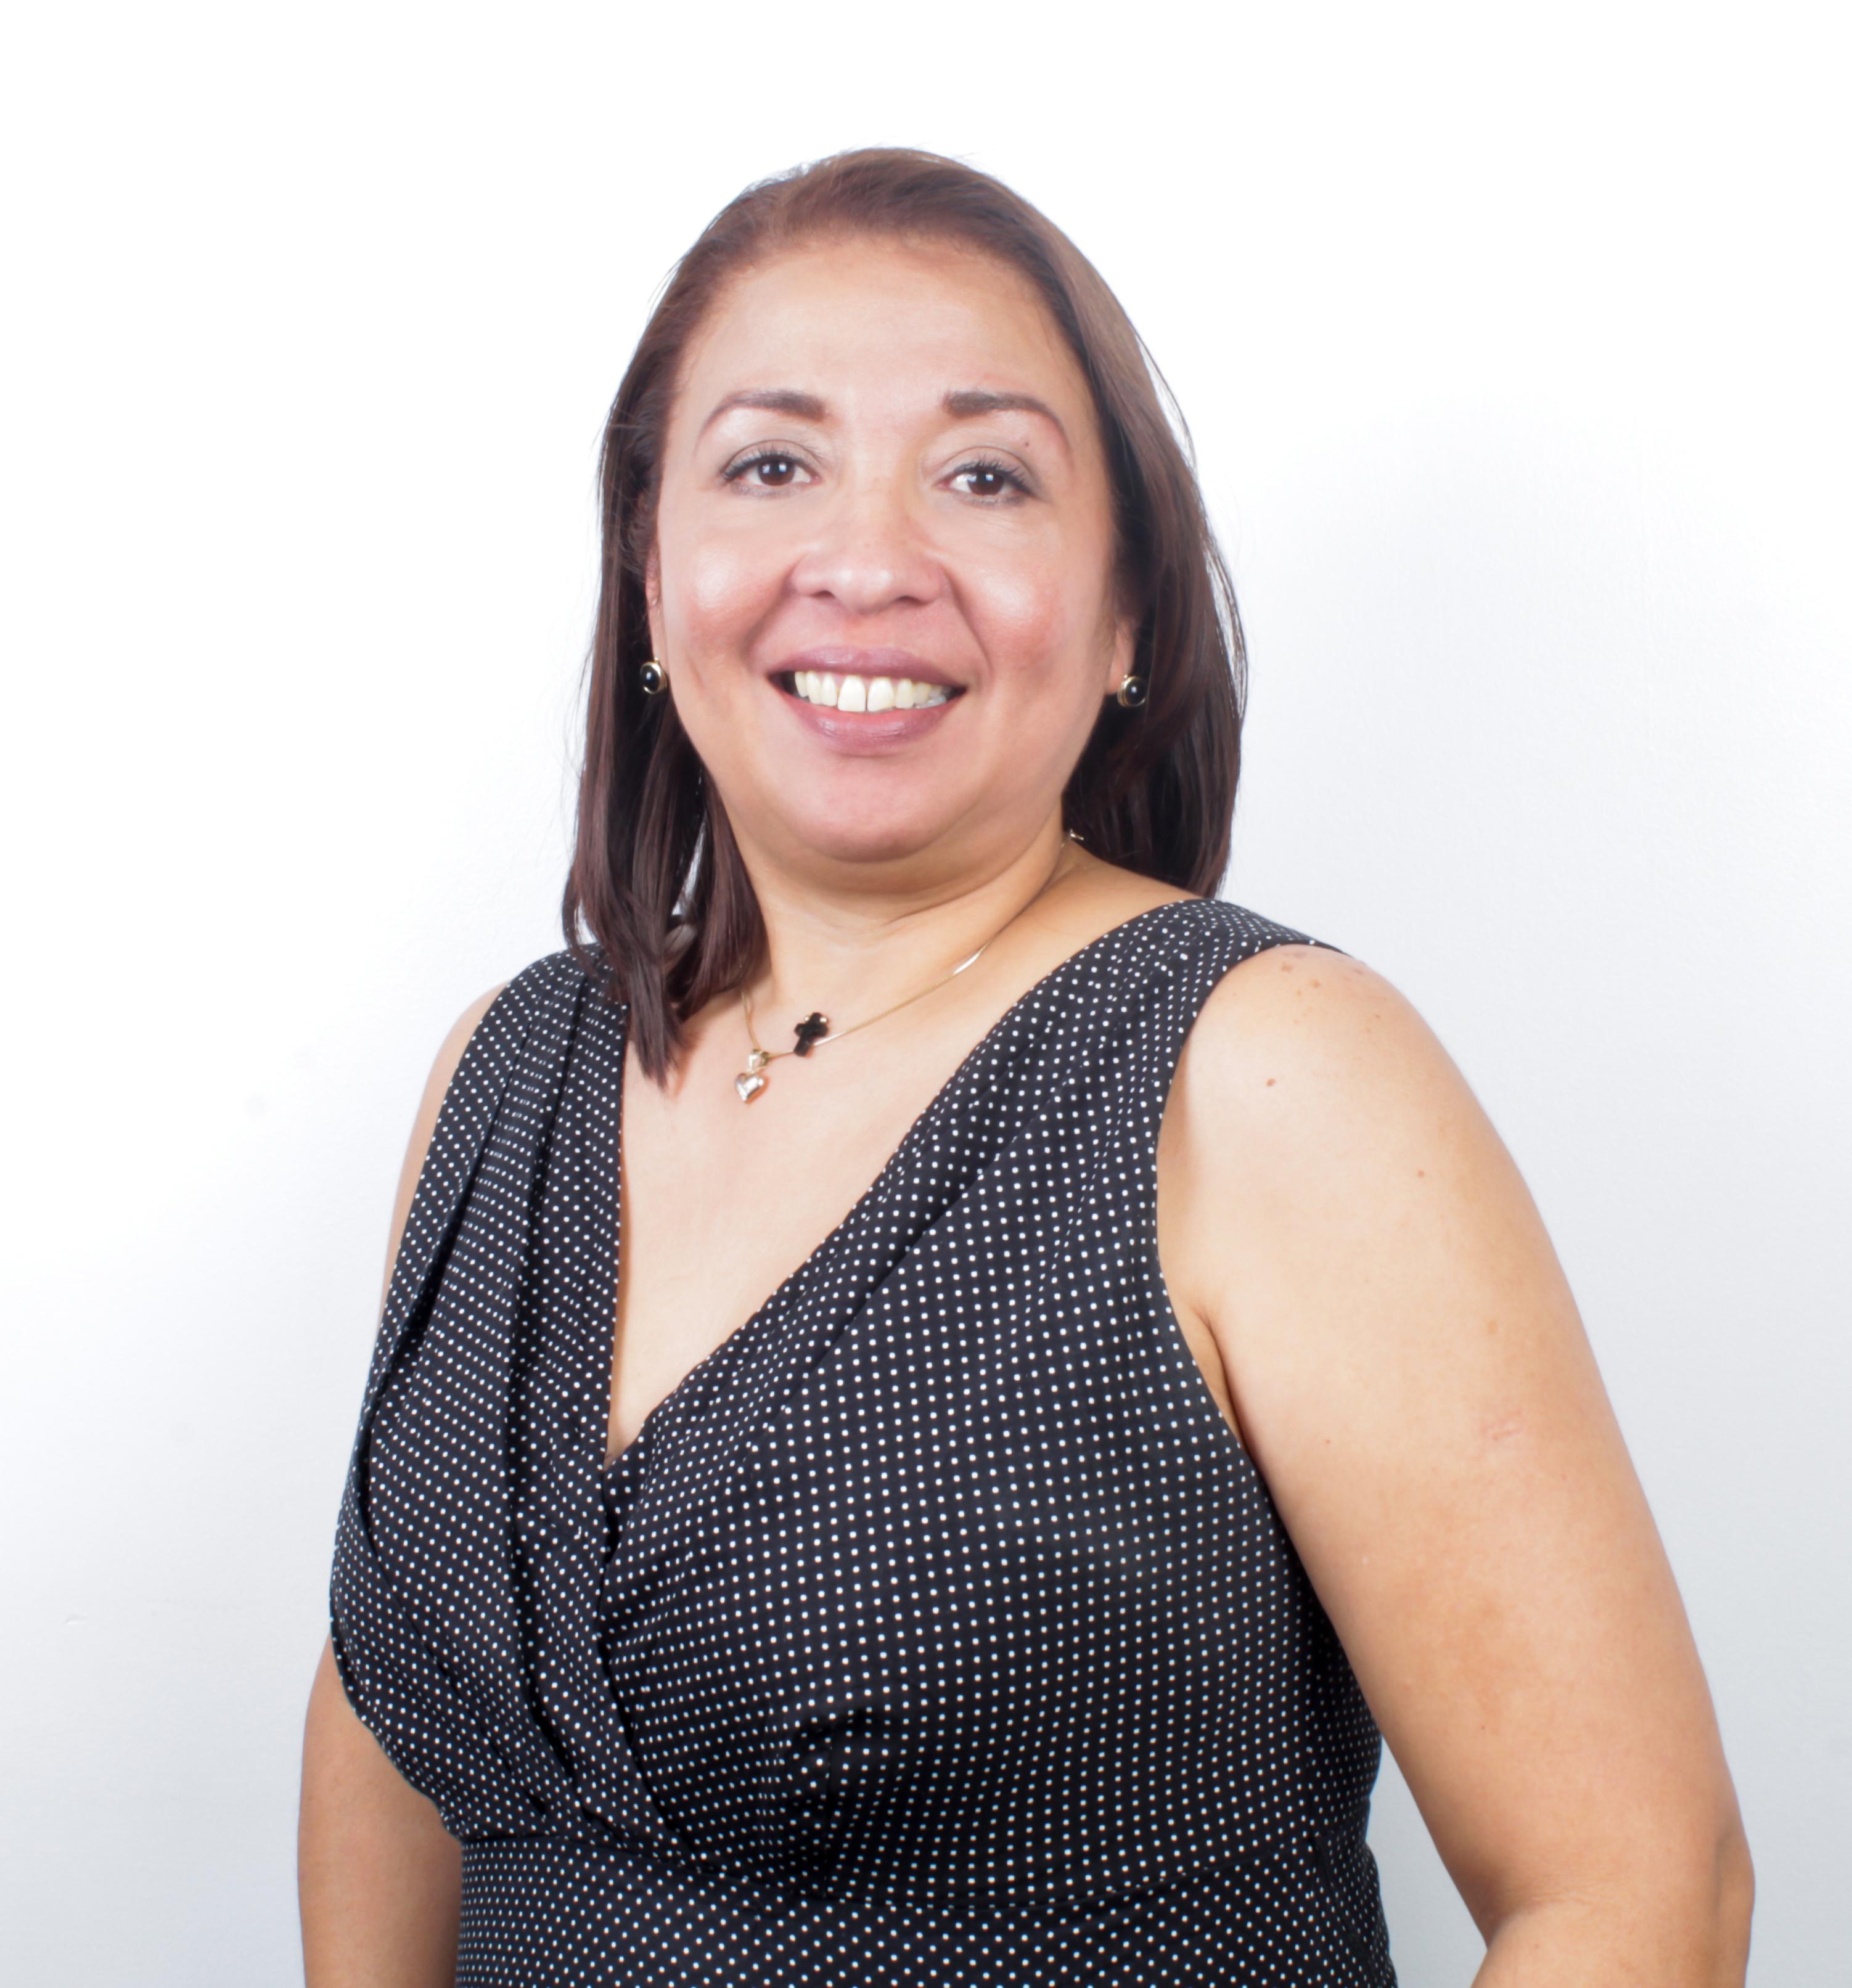 Cynthia De Testa - Siuma expertos